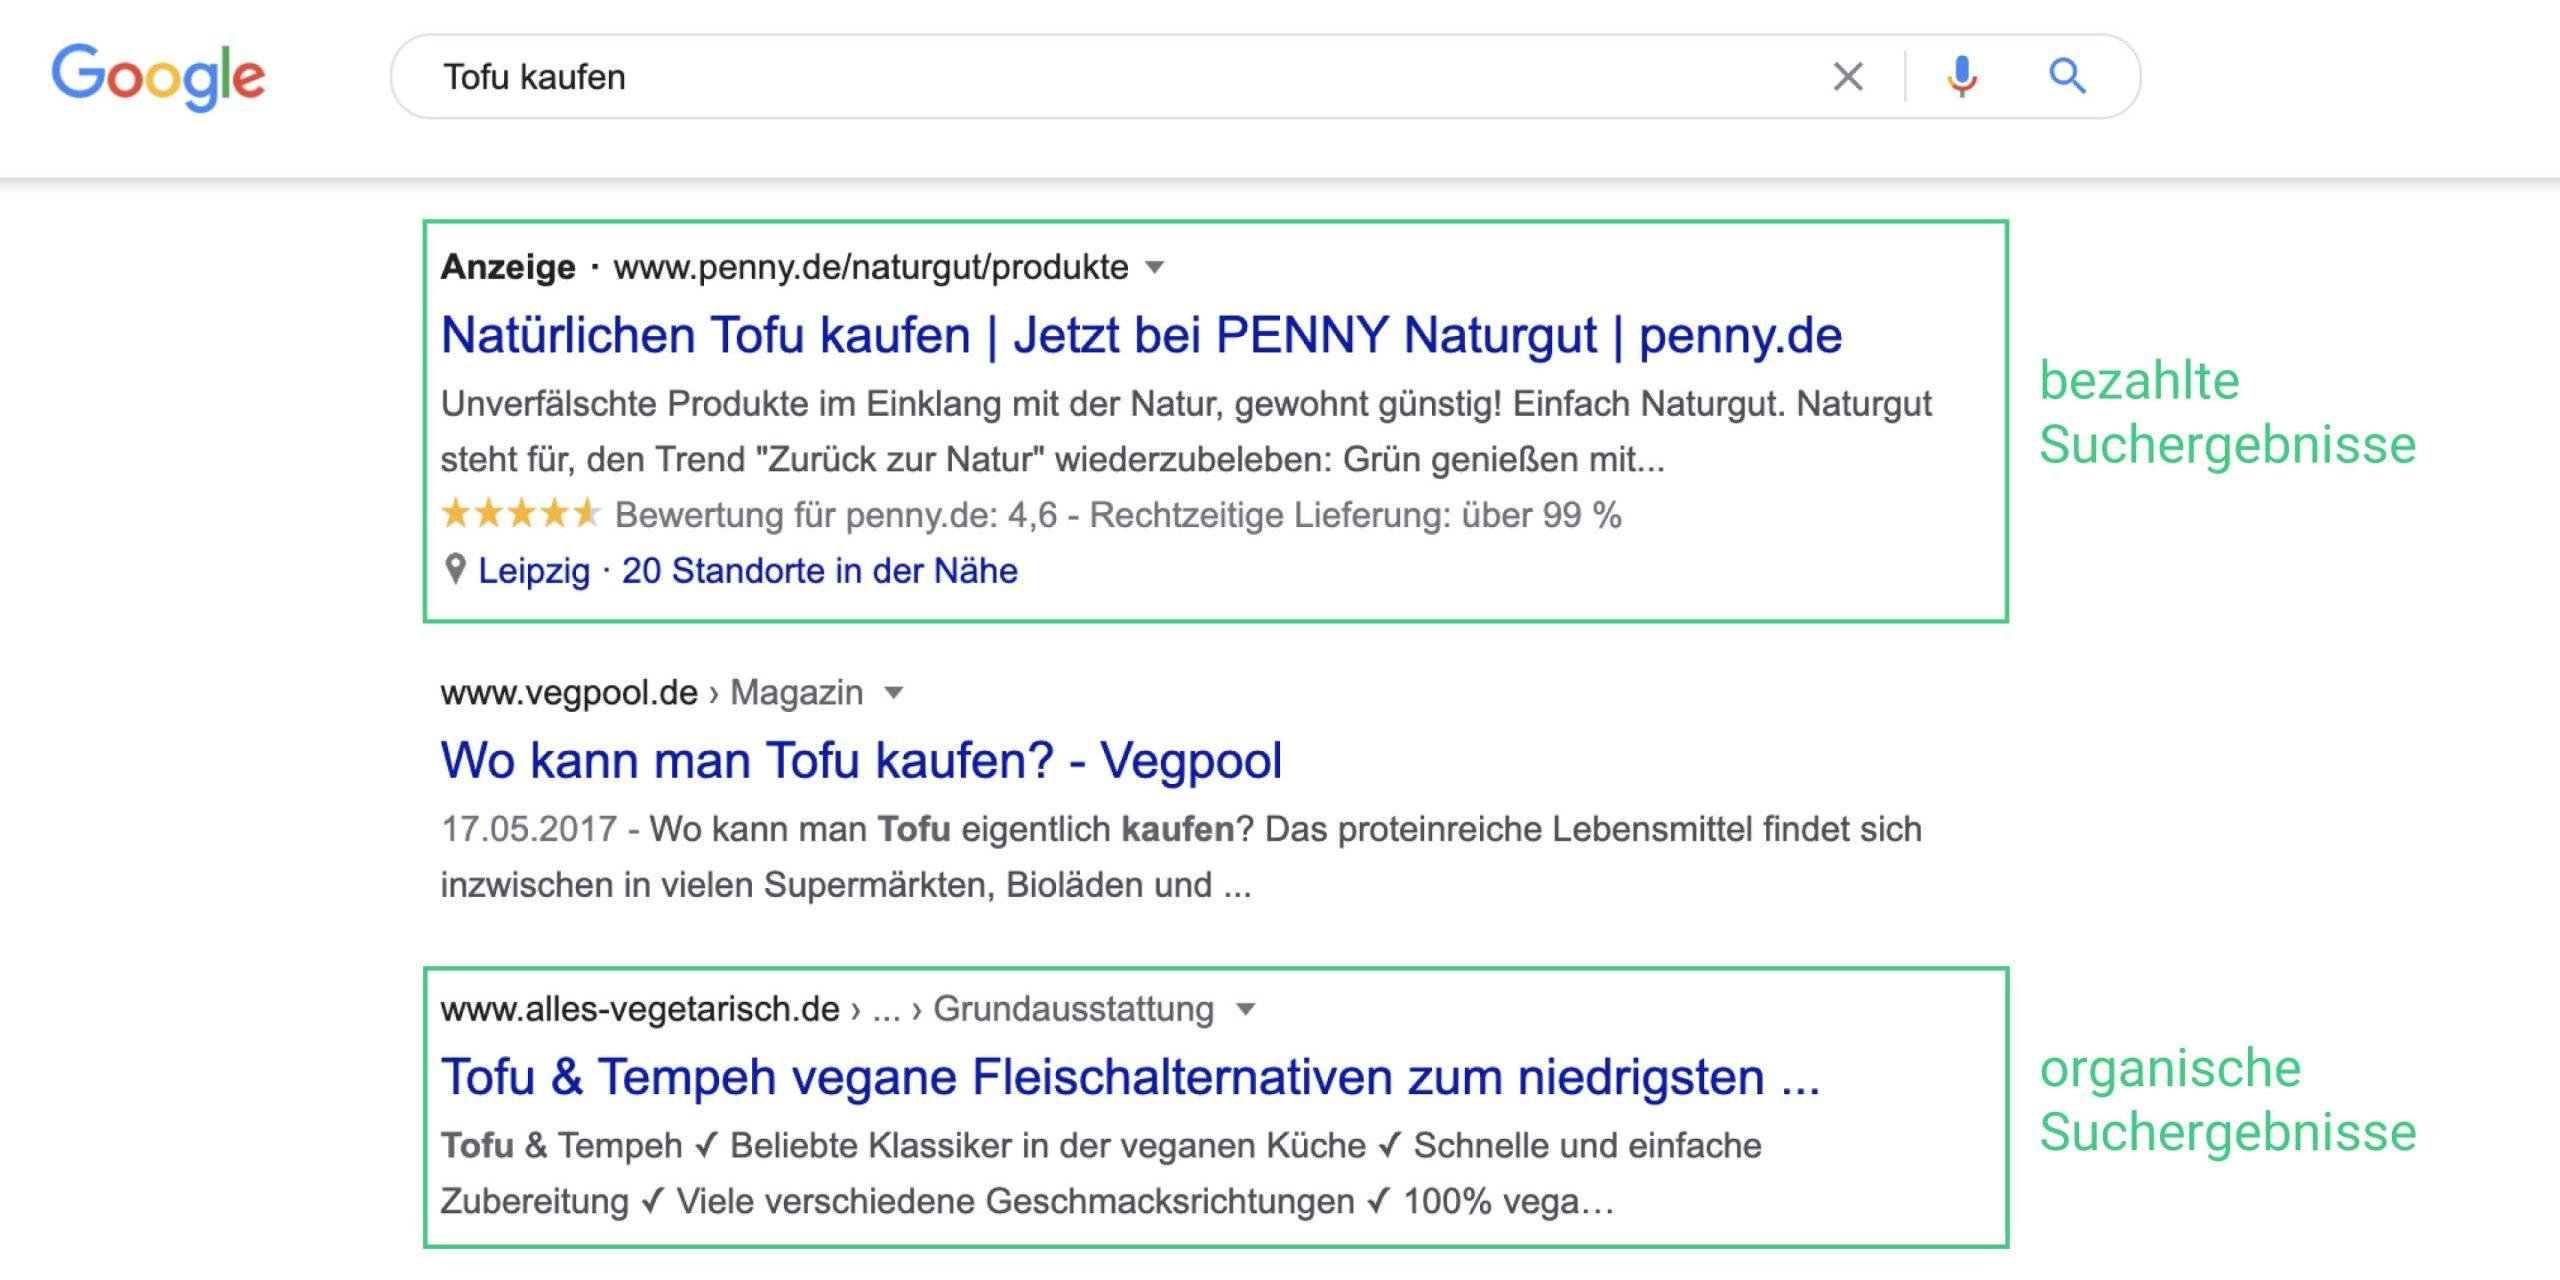 Google Suchmaschinenergebnisse